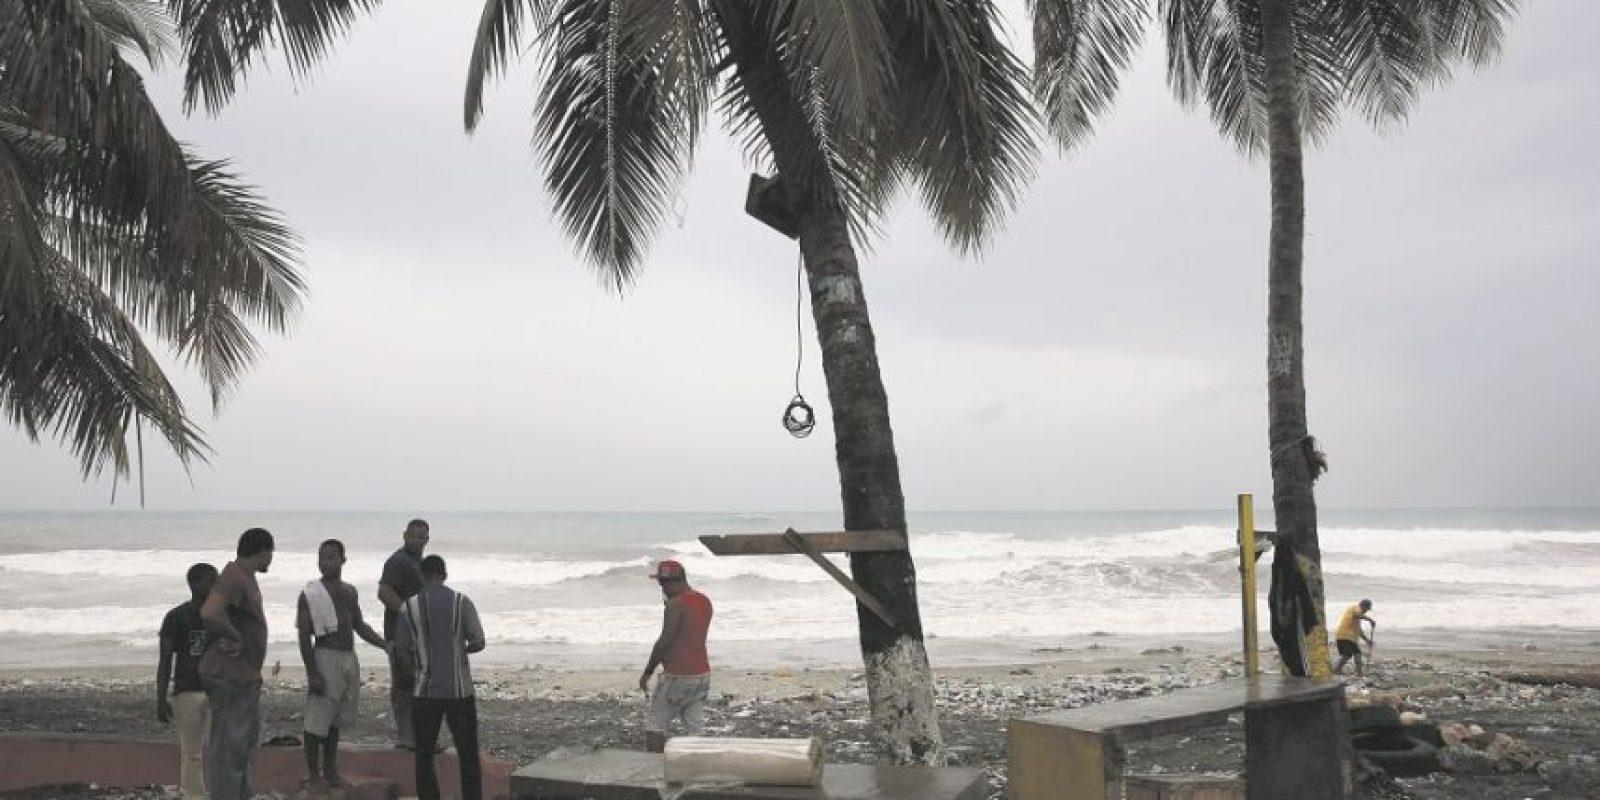 Las embarcaciones deben permanecer en puerto debido a vientos y olas anormales. Foto:ORLANDO BARRíA